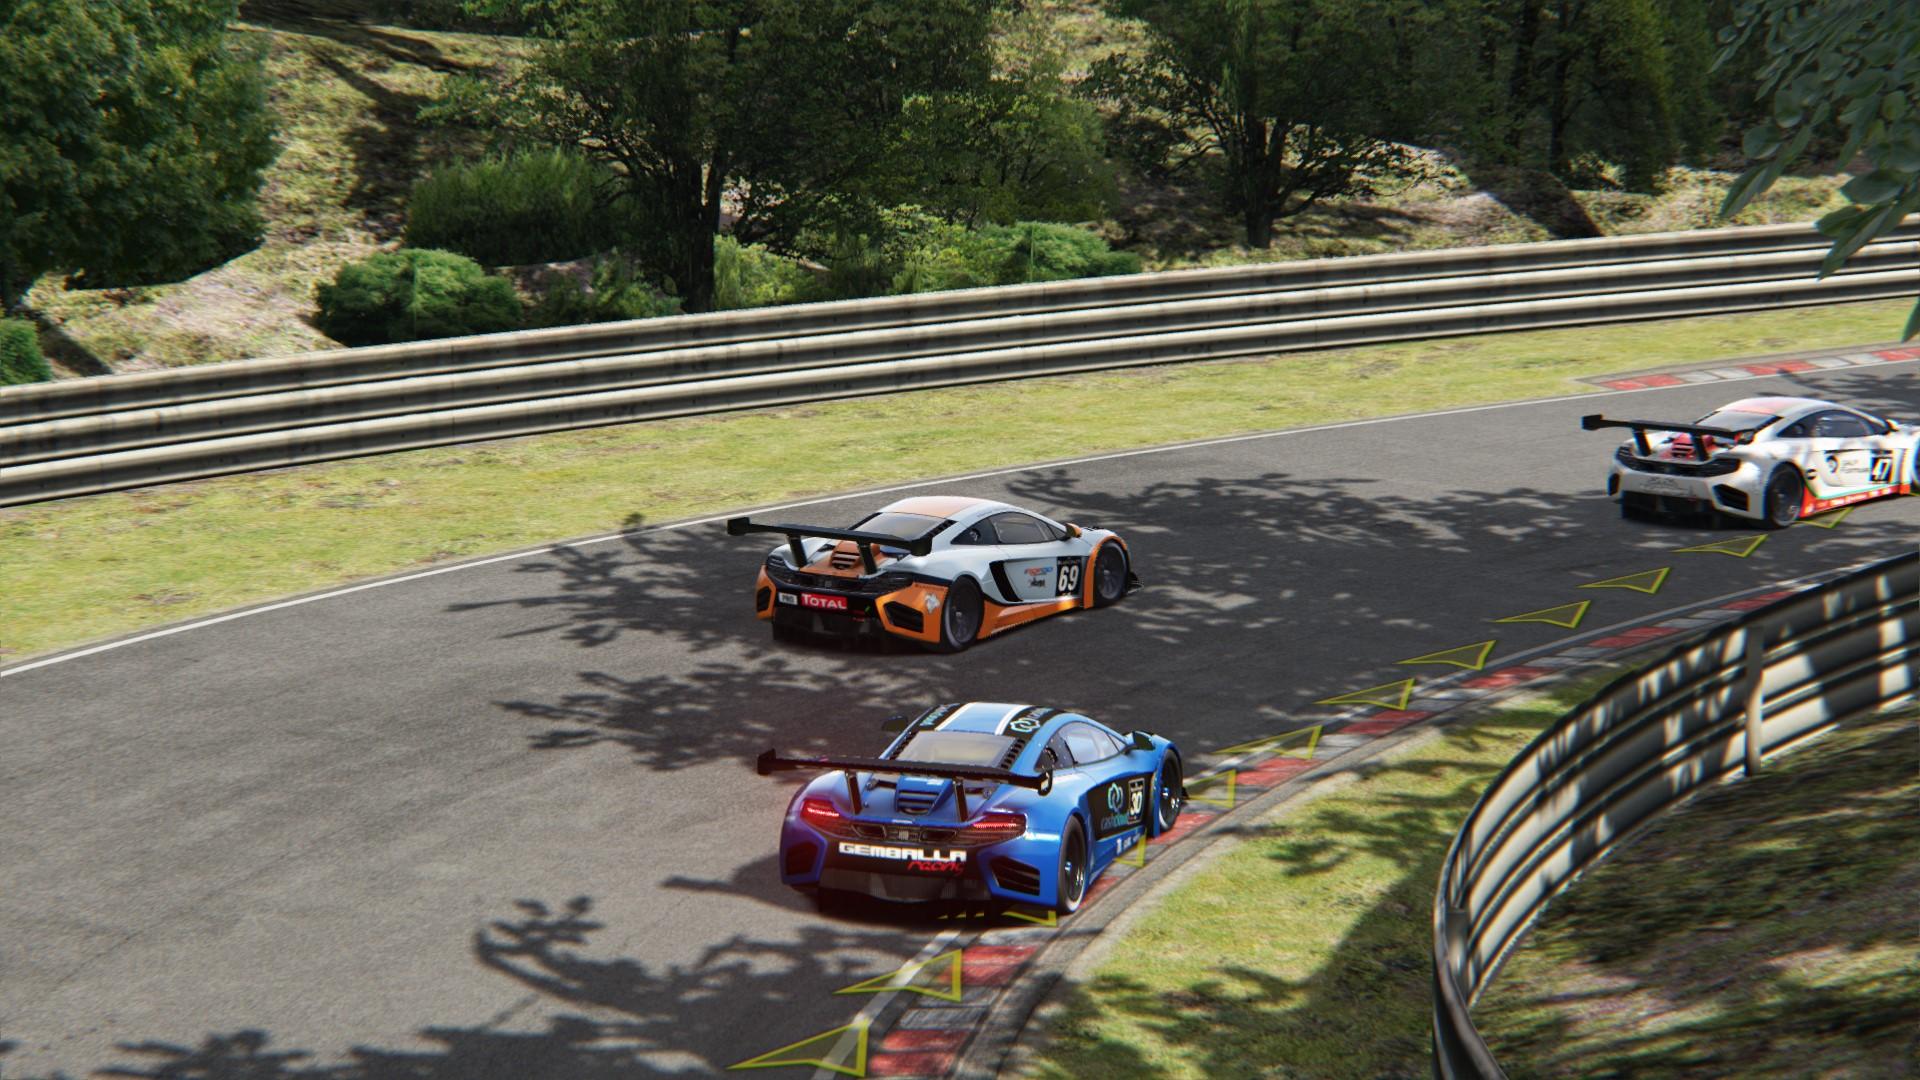 Screenshot_mclaren_mp412c_gt3_deepforest_raceway_1-6-120-22-18-16.jpg